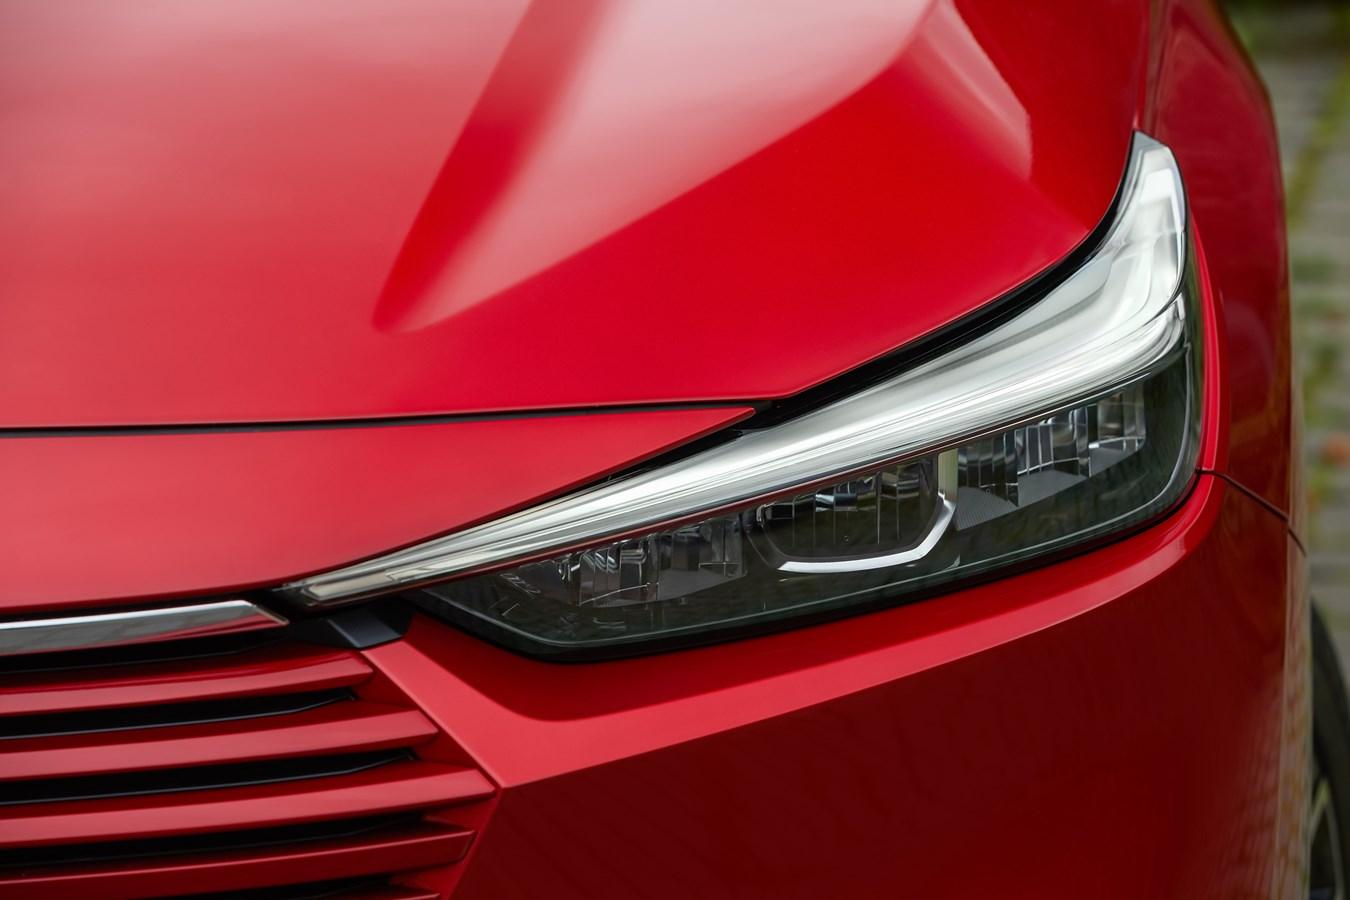 HR-V e:HEV Full Hybrid 2021